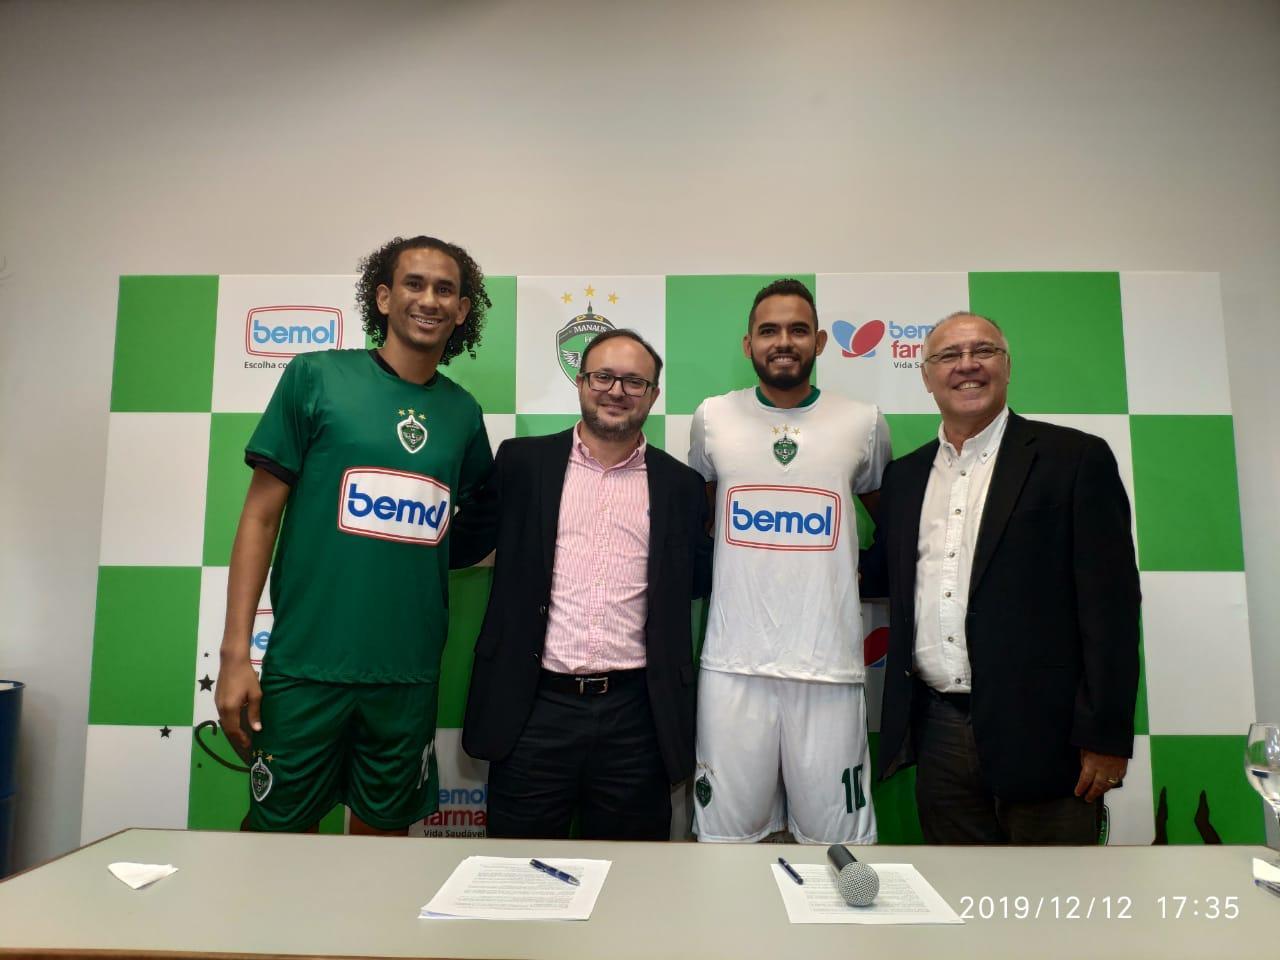 Parceria campeã: Bemol é nova patrocinadora master do Manaus